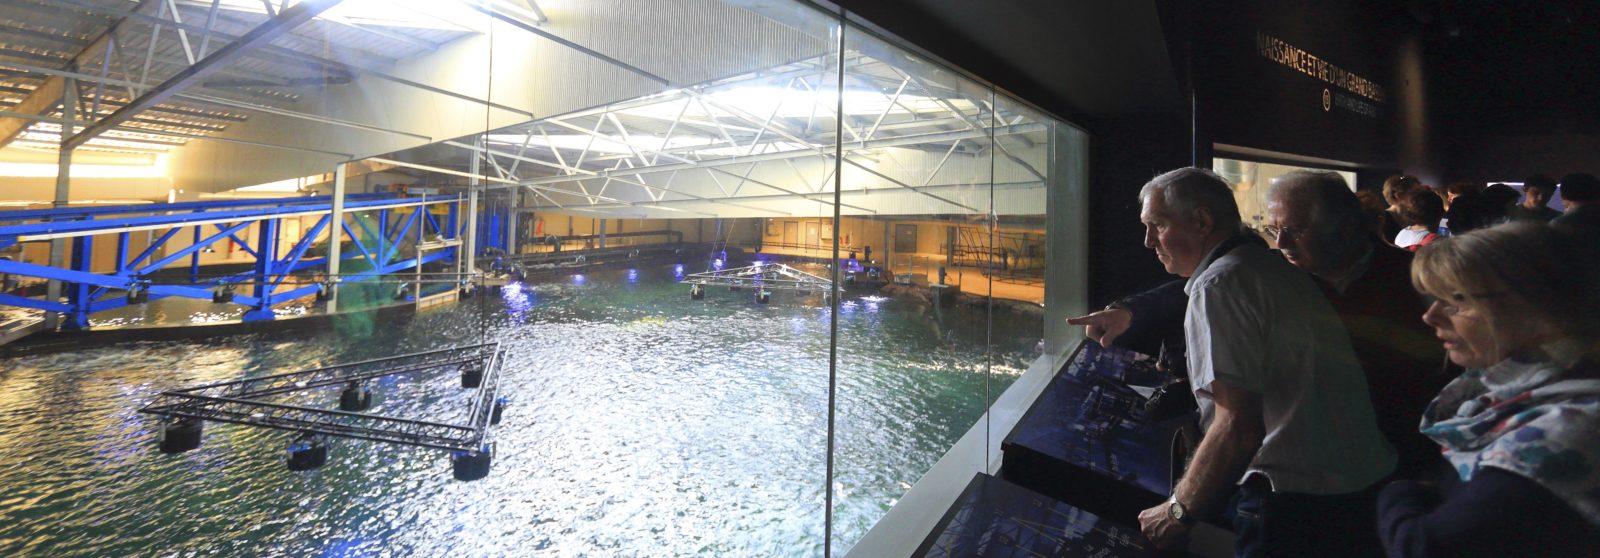 Nausicaa Boulogne sur mer -Sortie expo haute mer-public